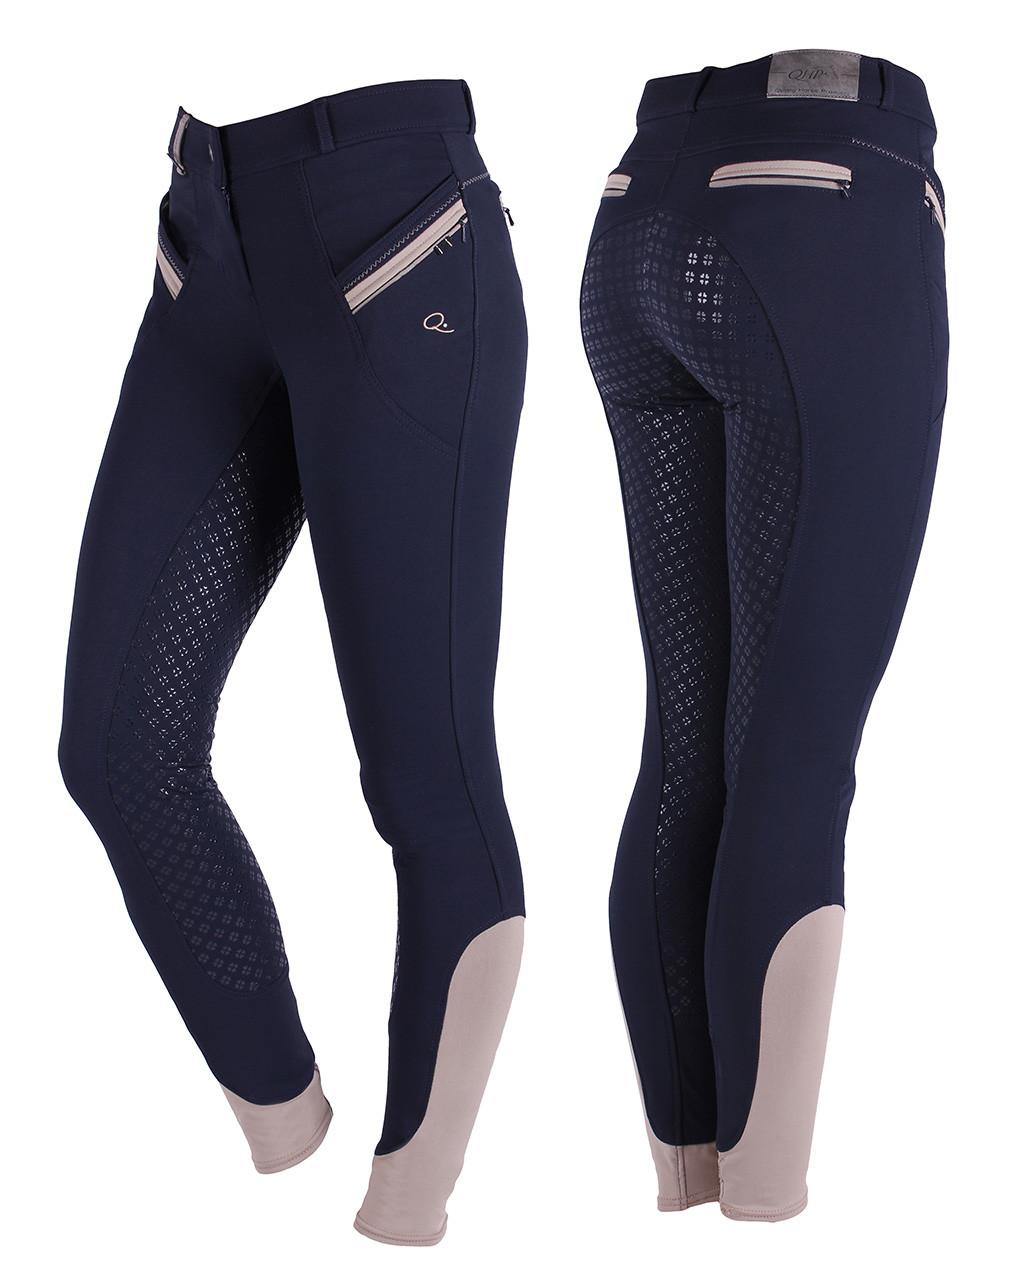 QHP Rijbroek Bliss anti-slip zitvlak grijs maat:36